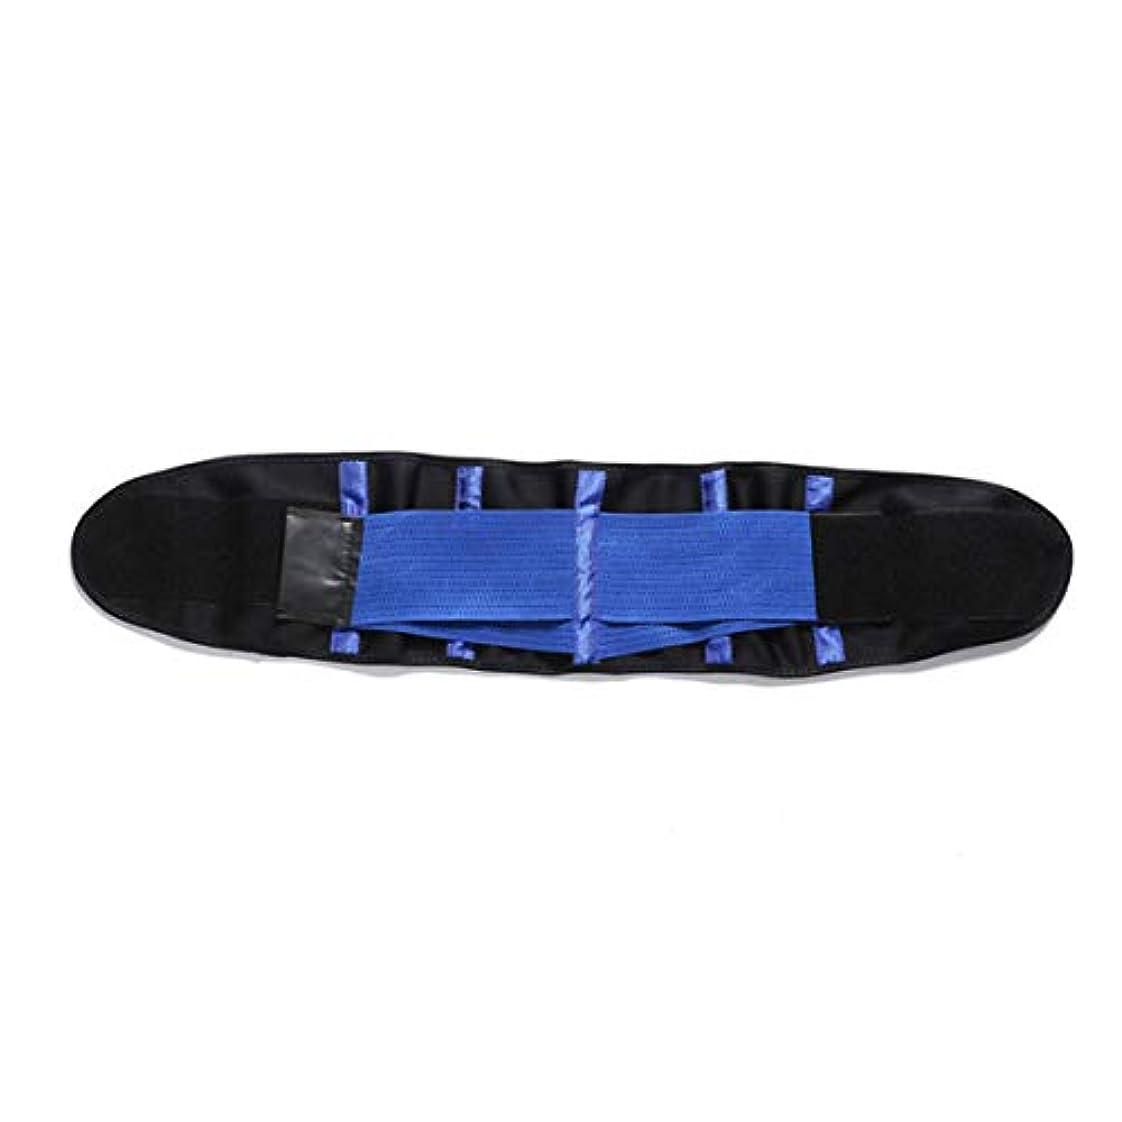 才能間違いタンカーIntercorey Lady's Belt調節可能なガードルボディシェイプの服脂肪燃焼ウエストシールウエストプロテクションステレオタイプチェストサポート